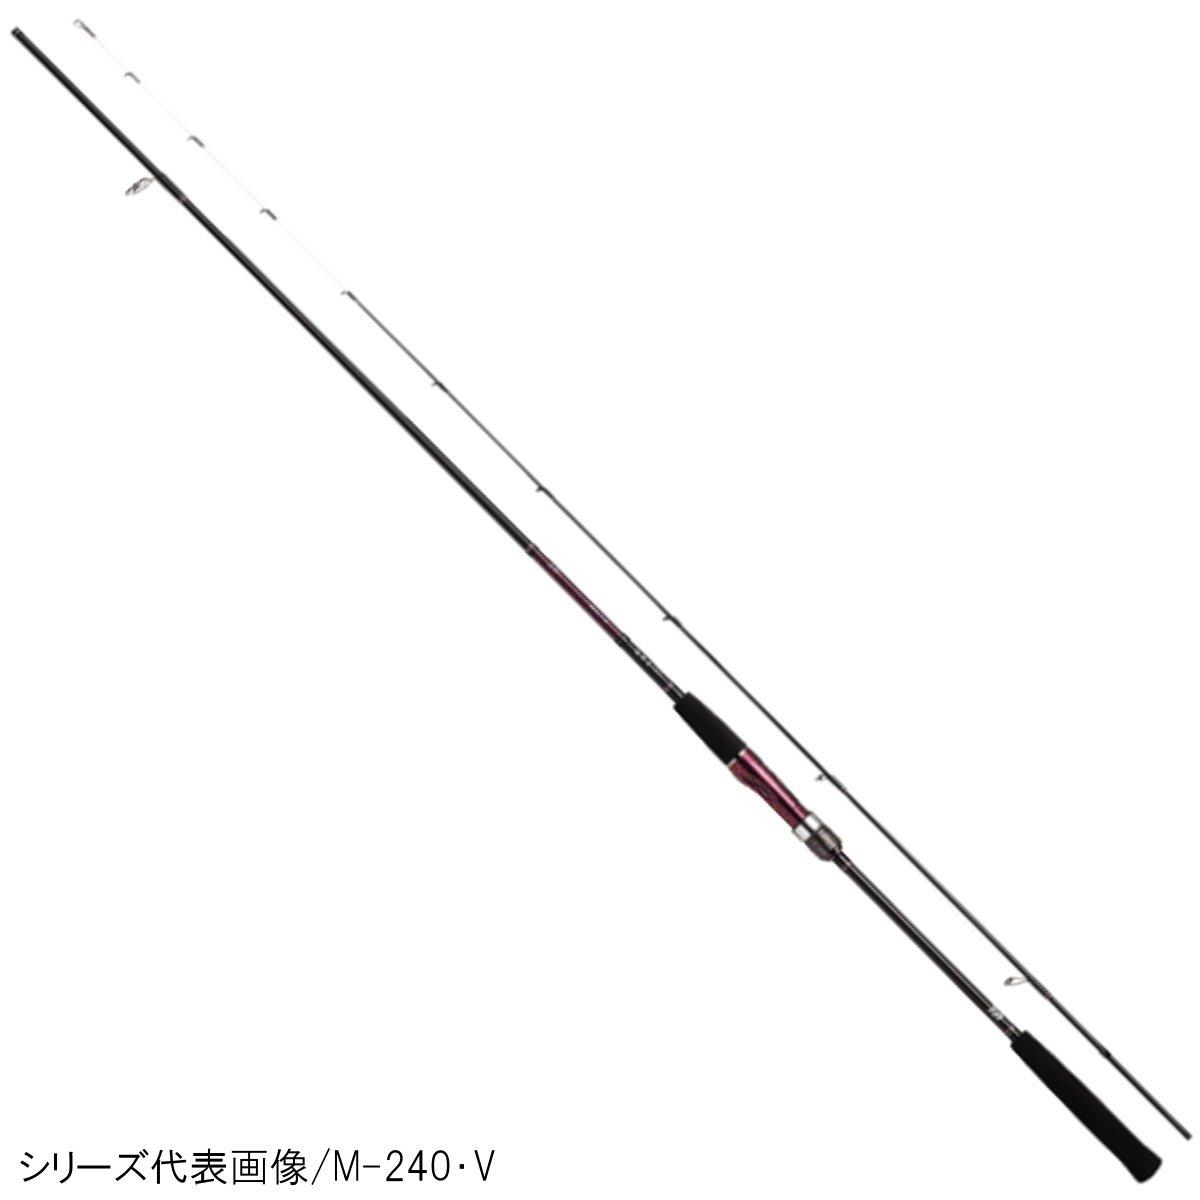 ダイワ 紅牙 テンヤゲーム スピニングモデル H-240・V【送料無料】